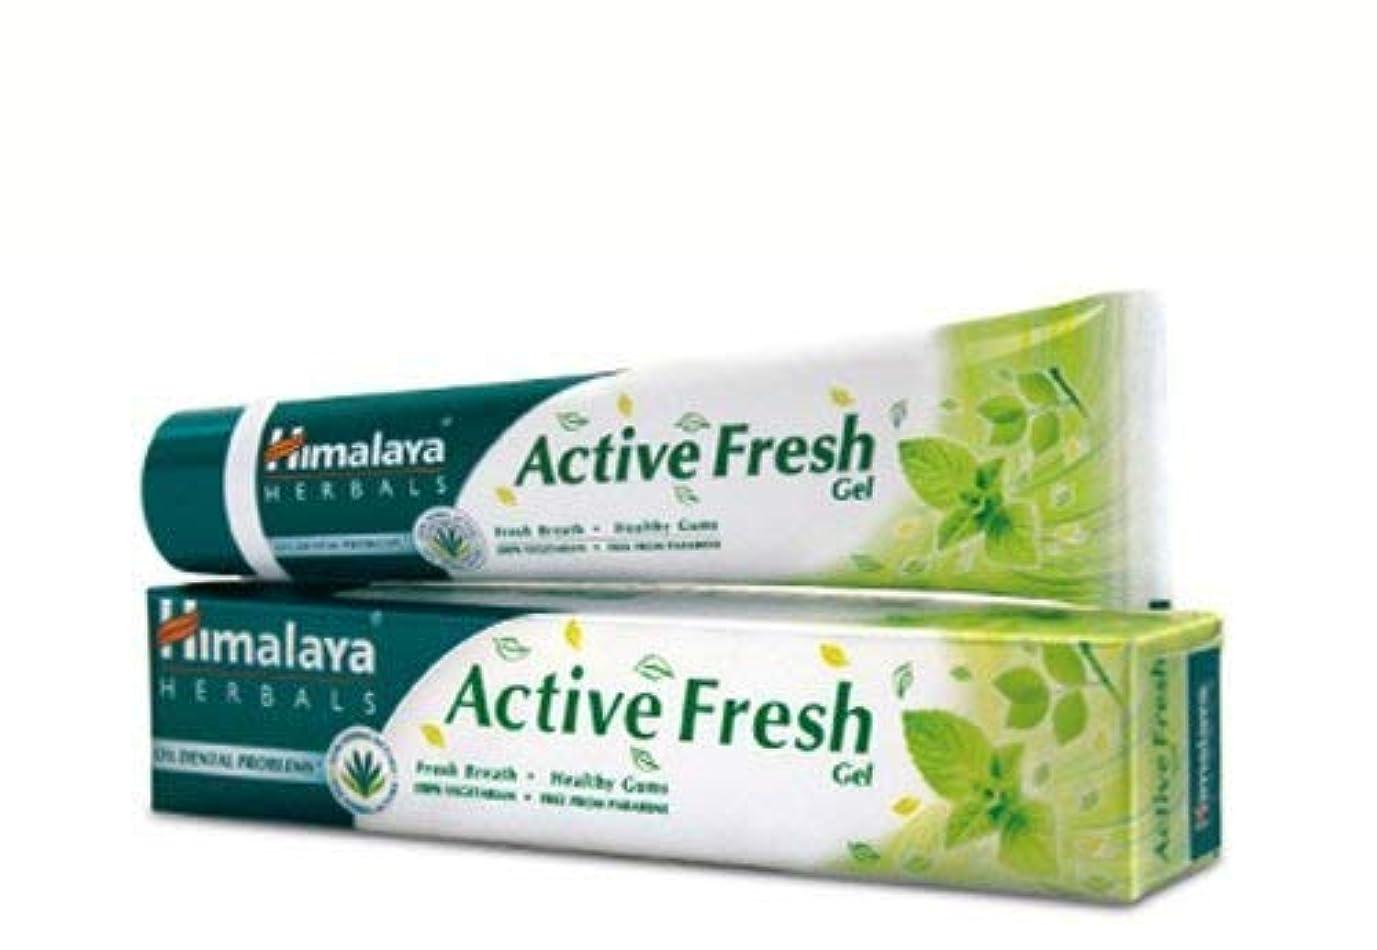 地味なアーティキュレーションカーテンヒマラヤ トゥースペイスト アクティブ フレッシュ(歯磨き粉)80g 2本Set Himalaya Active Fresh Toothpaste